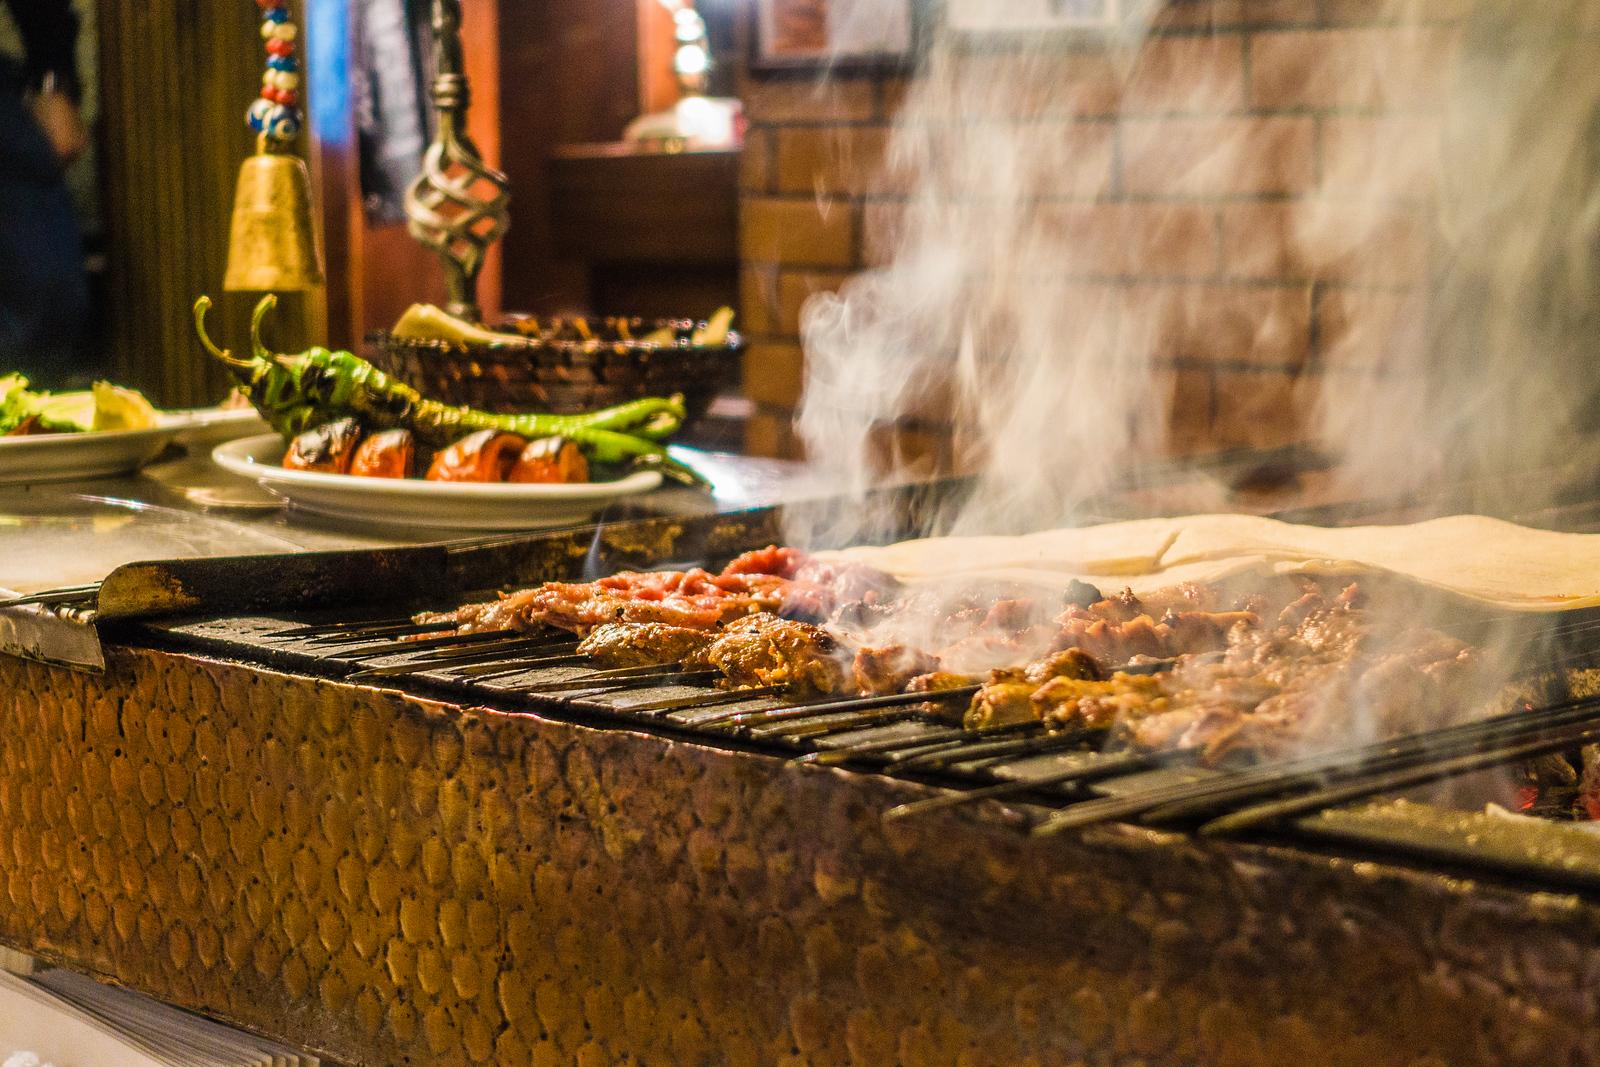 Eat in istanbul - Zübeyir Ocakbaşı Restaurant